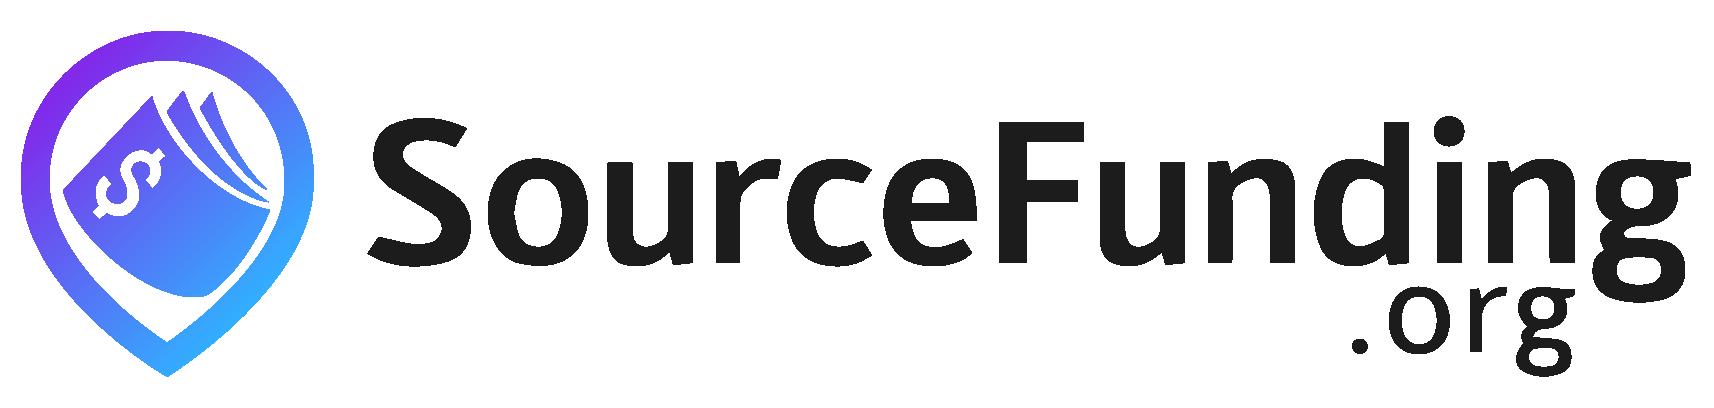 SourceFunding.org (W. Michael Short) FinTech Small Business Loans